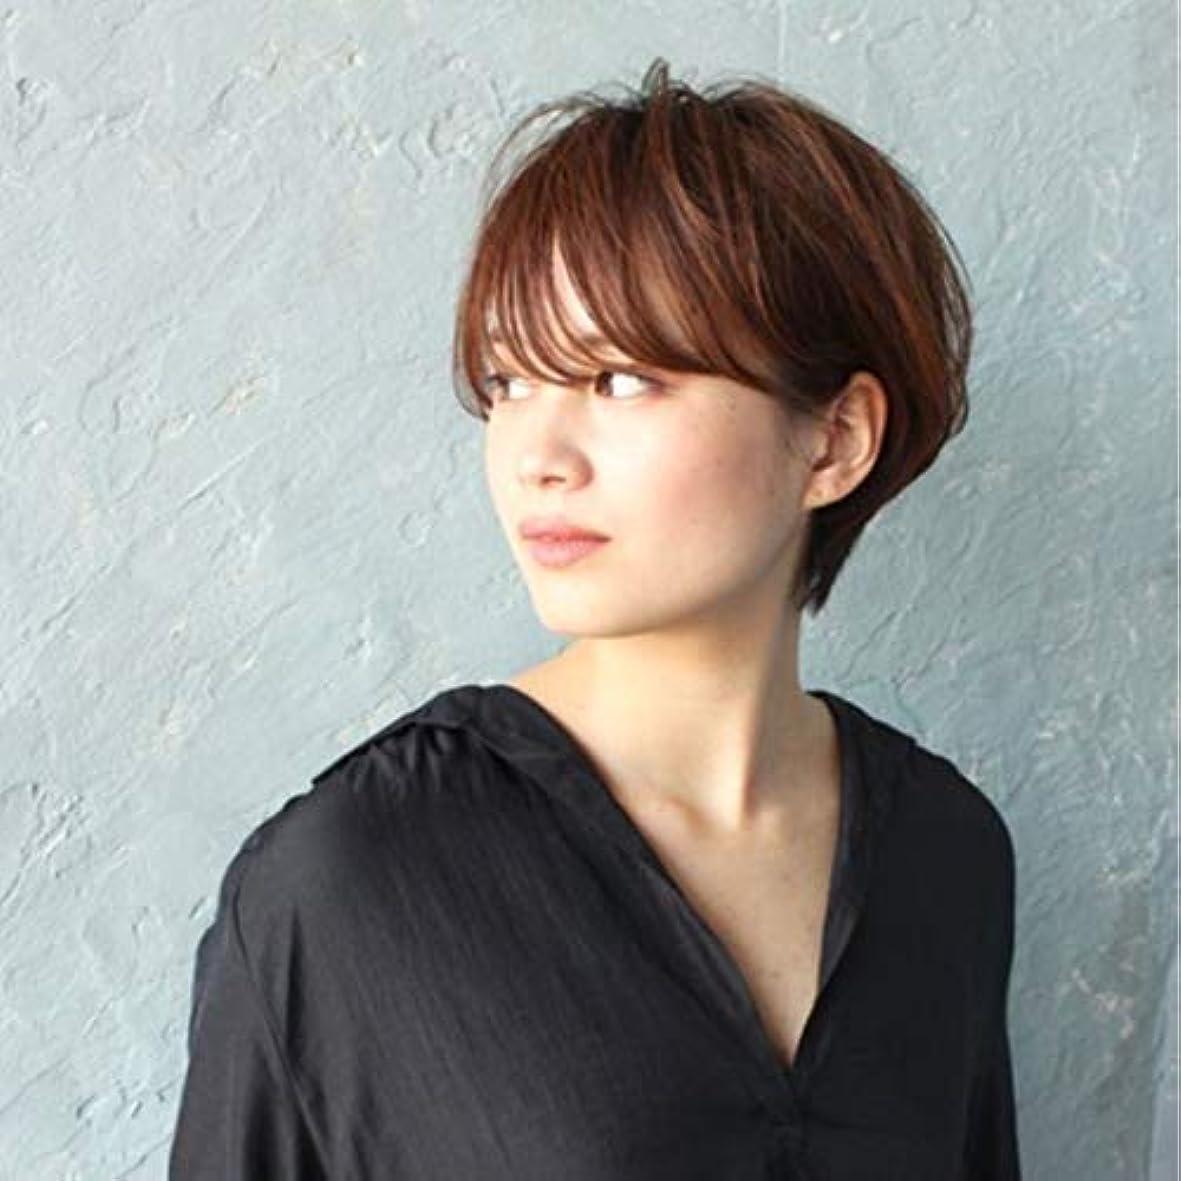 濃度ケント下線Kerwinner ウィッグショートヘア斜め前髪ウィッグヘッドギア自然に見える耐熱性女性用 (Color : Light brown)